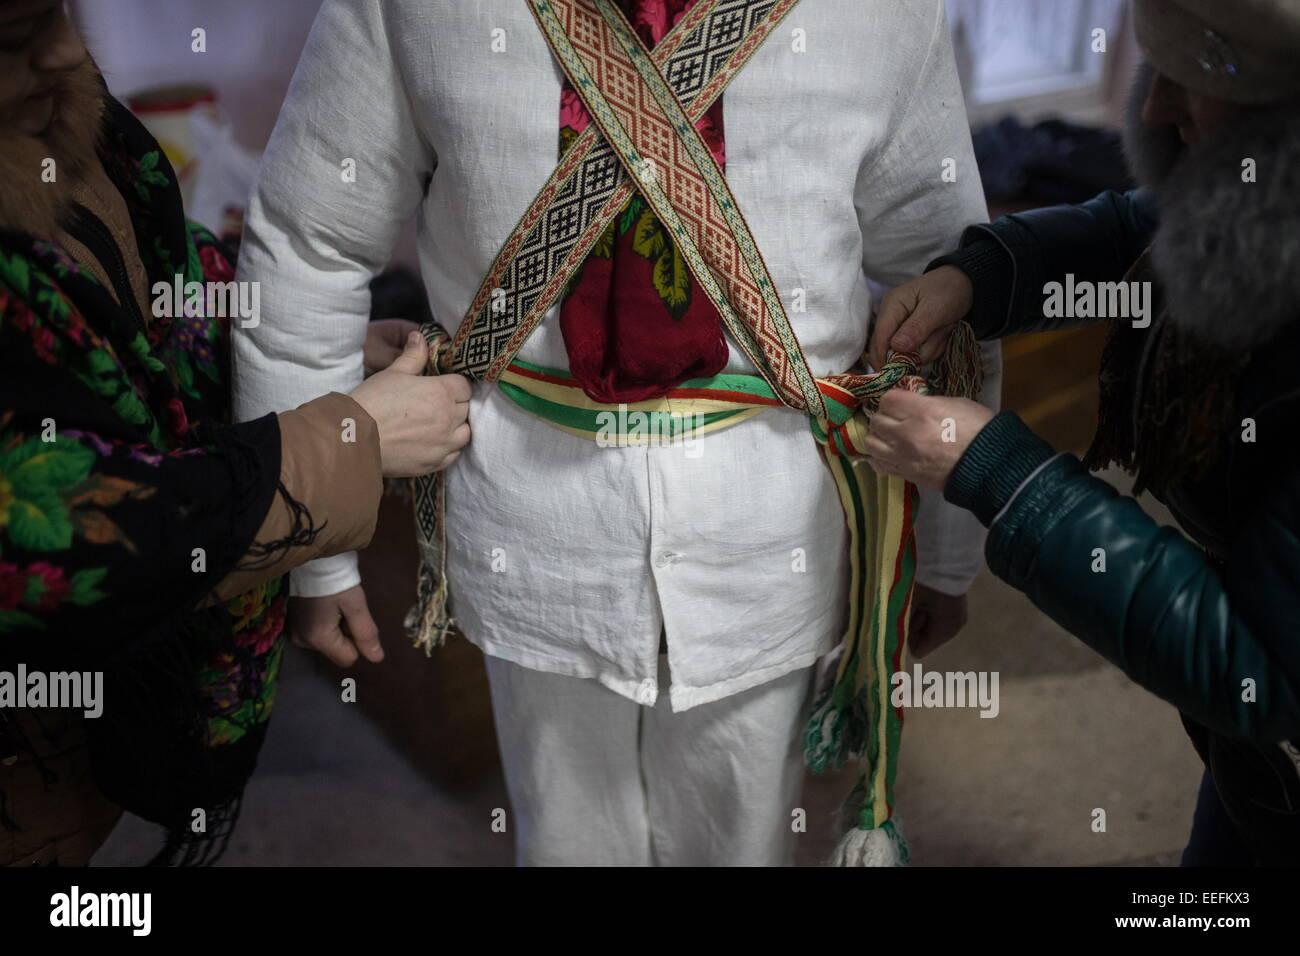 zares parte Kalyady evento vestirse ene un El realiza Navidad Año llamado en se 2015 tomar para para rito celebrar Un 13 festivo zares el hombre los AOw0n66x